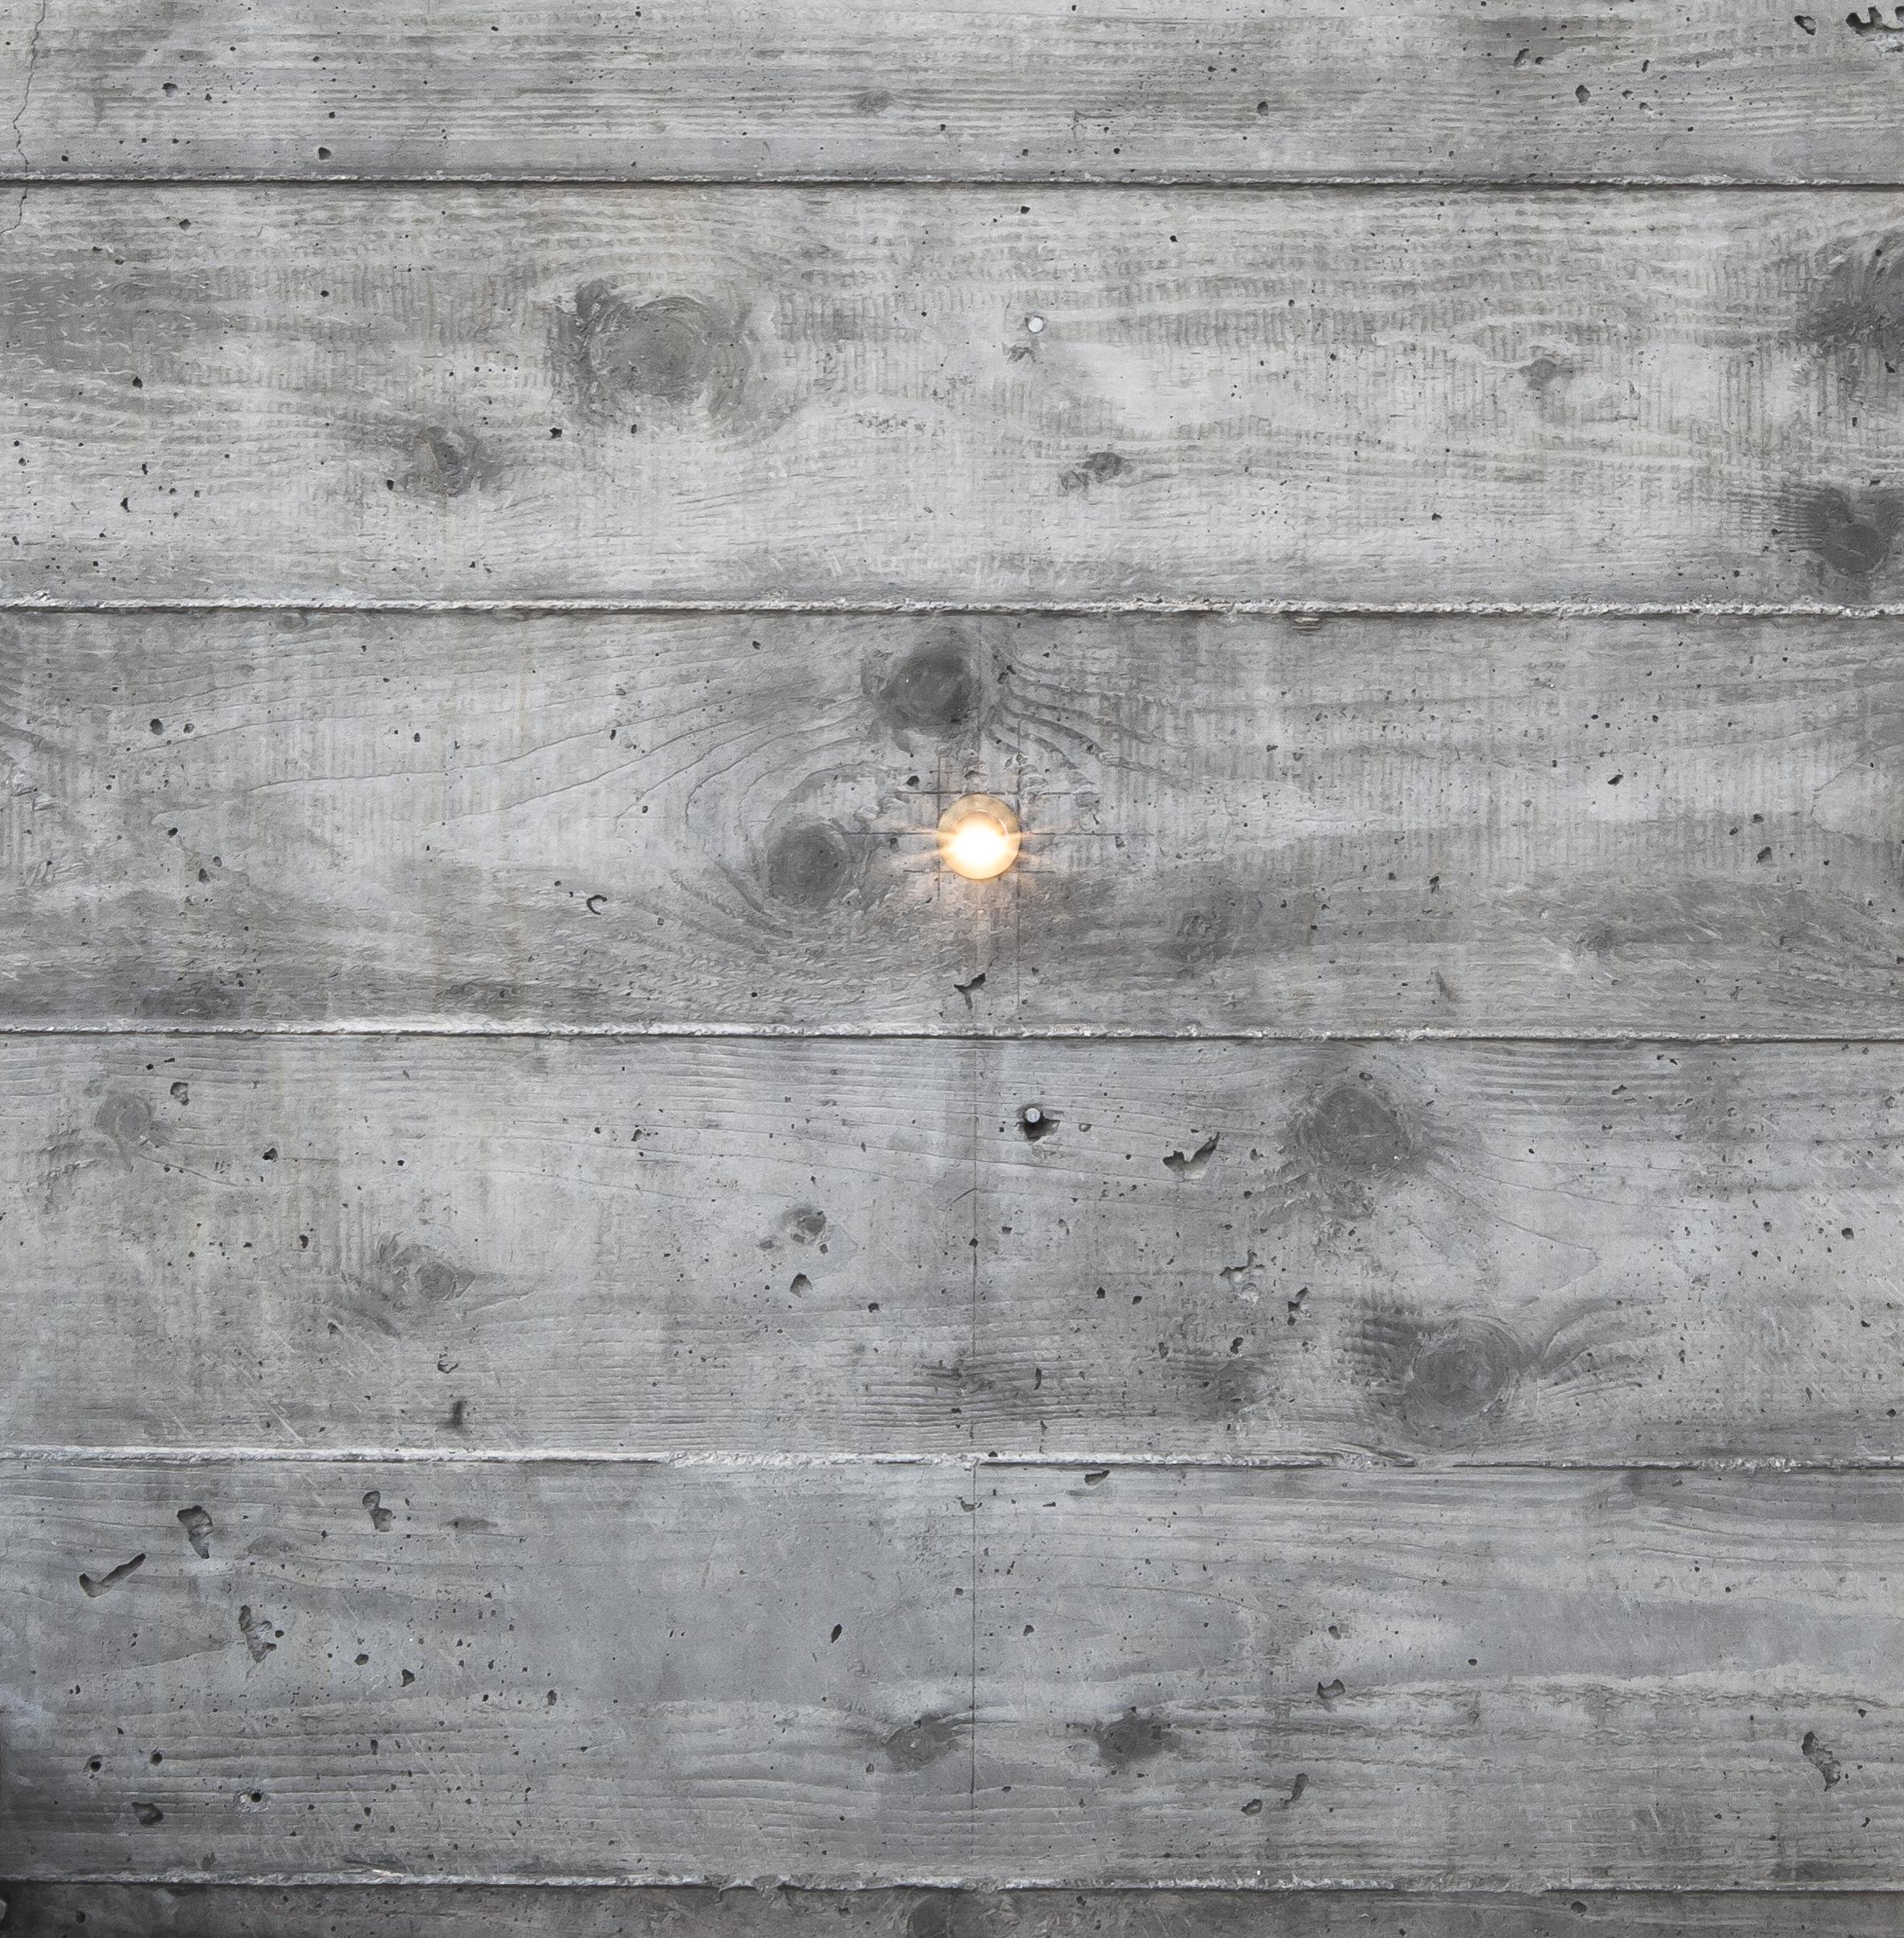 Beauteous Concrete Detail Concrete Detail Cj Paone Aia Ventura Ca Architect Board Formed Concrete Chimney Board Formed Concrete Fireplace houzz-03 Board Formed Concrete